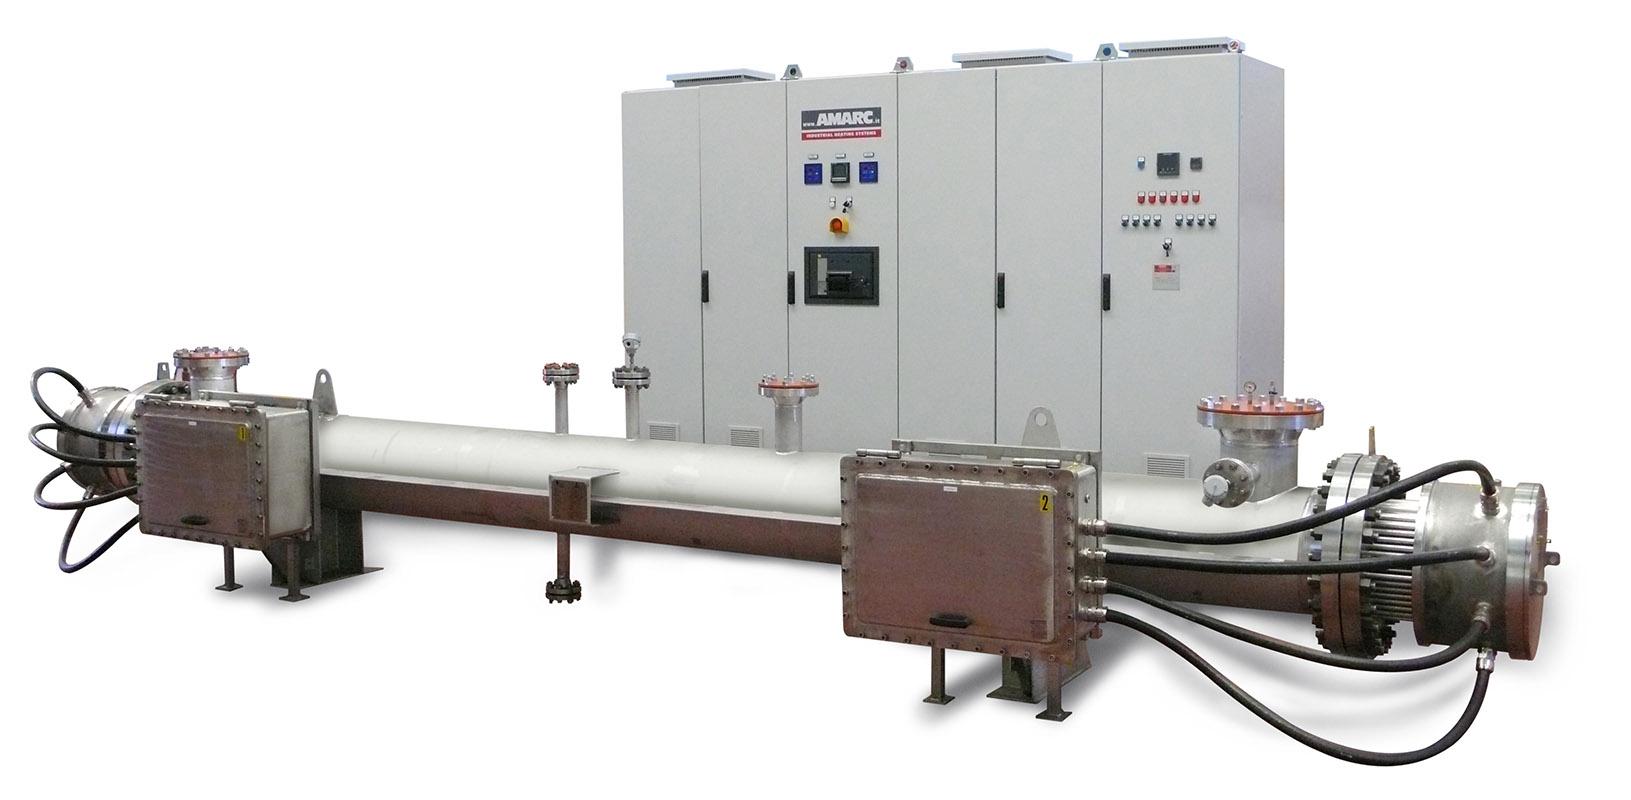 Heat Exchangers Amarc